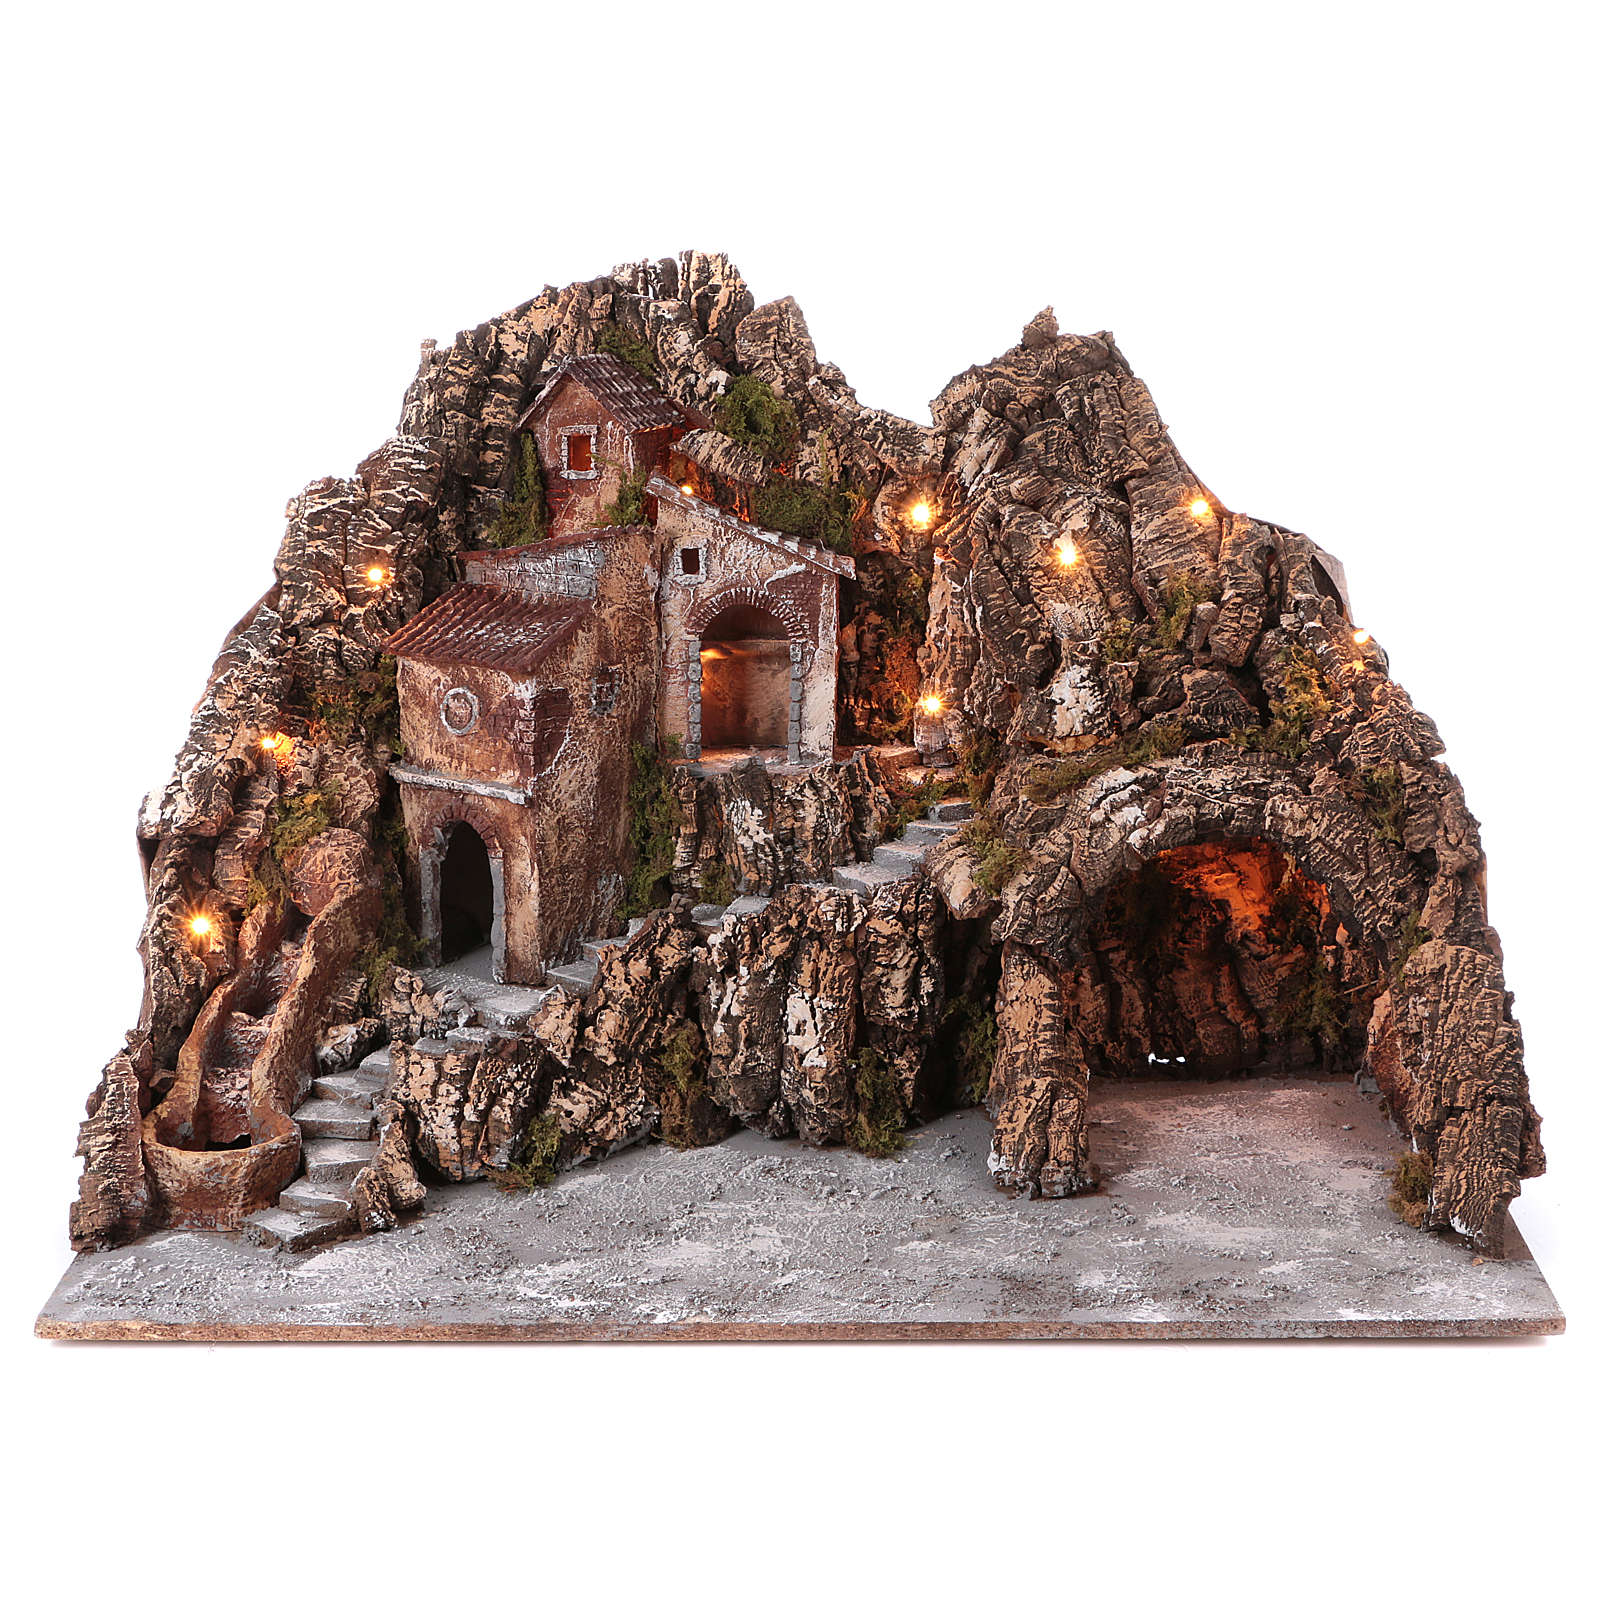 Aldea belén iluminada con río en movimiento y cueva 55x85x65 cm belén napolitano 4